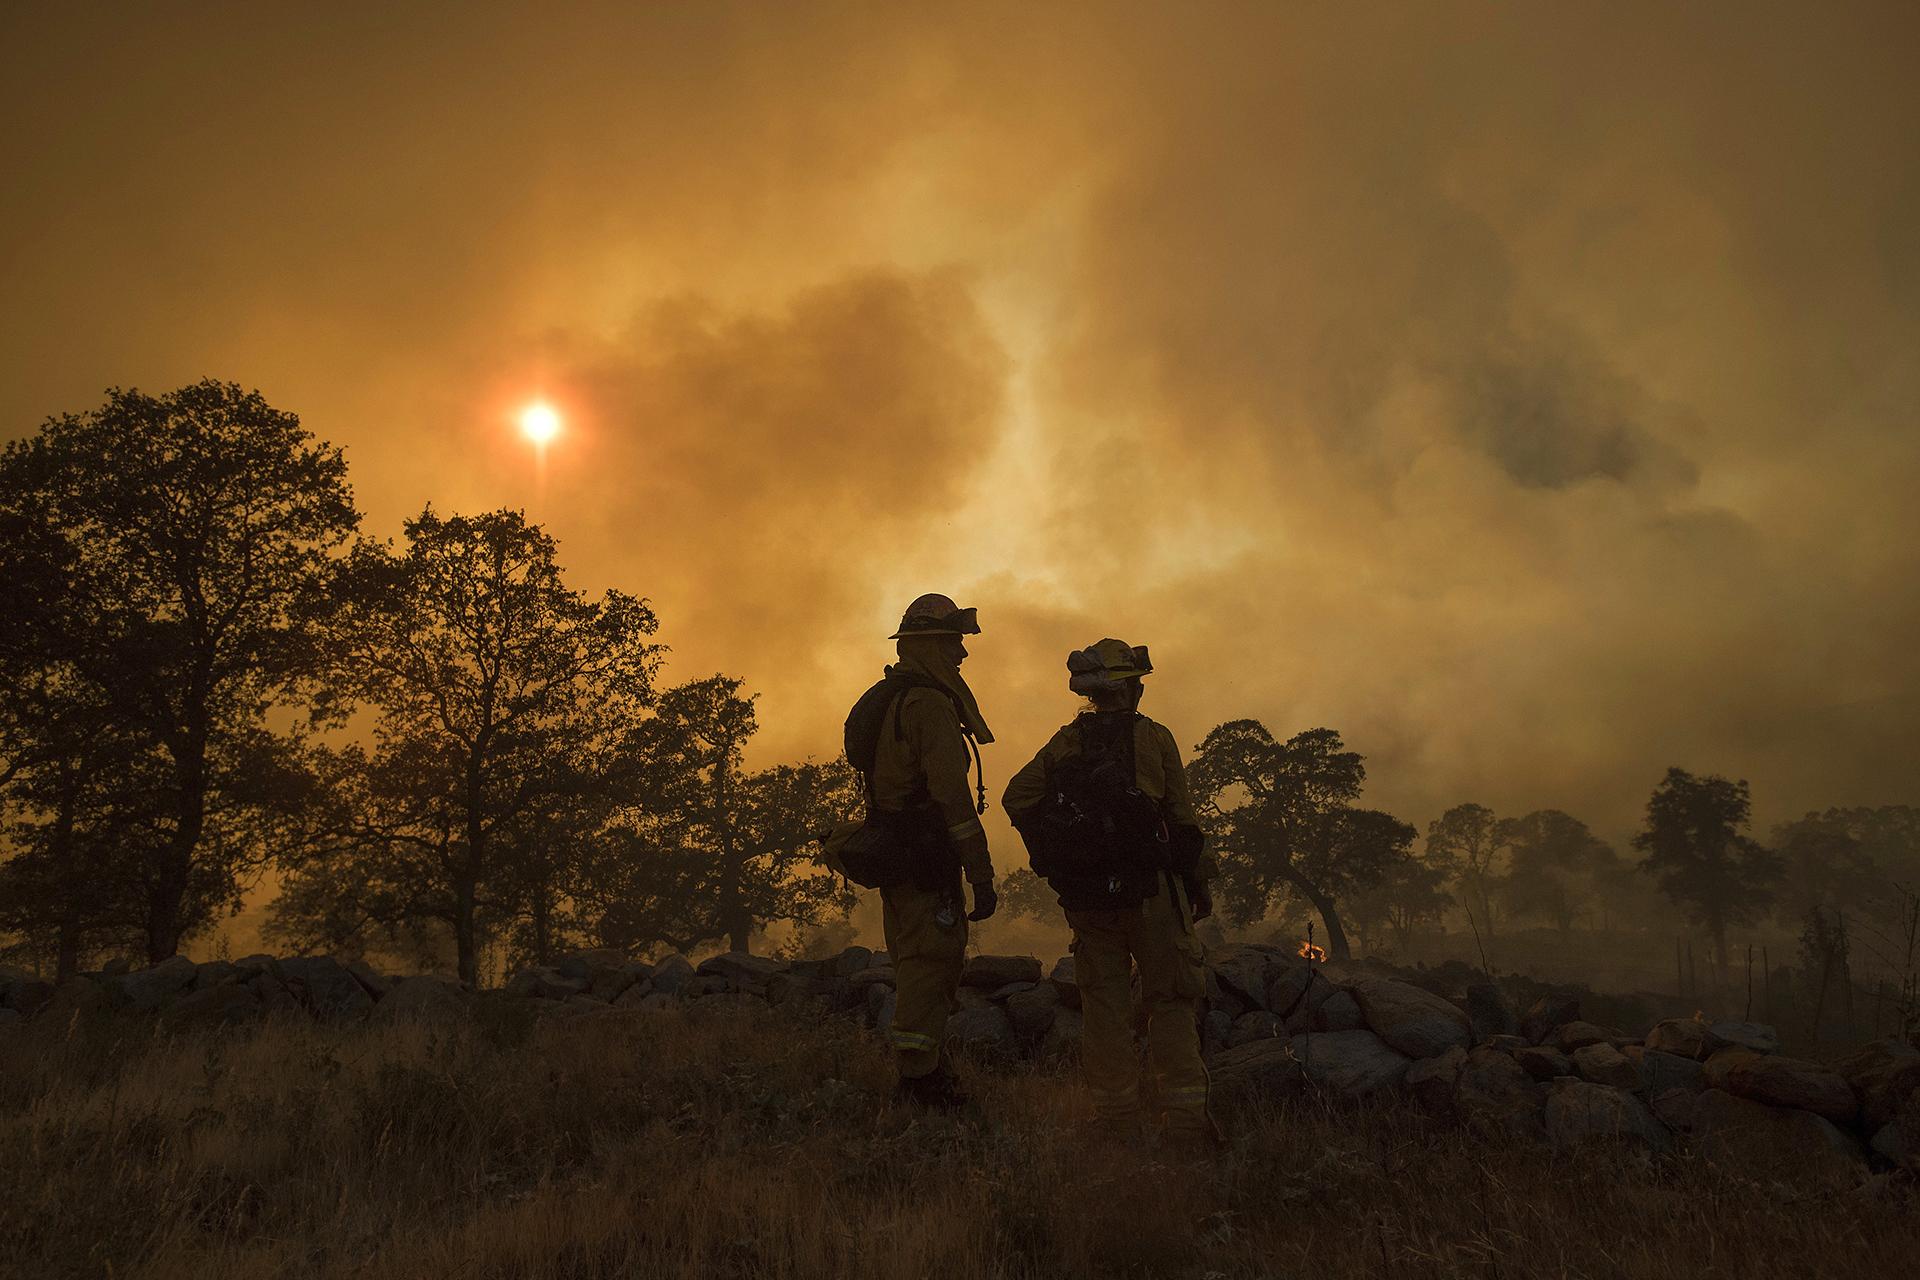 """""""Hay mucha cosa puede arder"""", dijo la portavoz del condado de Santa Barba Gina DelPinto quien señaló que los incendios estás estimulados por la baja humedad, el elevado calor y los vientos."""